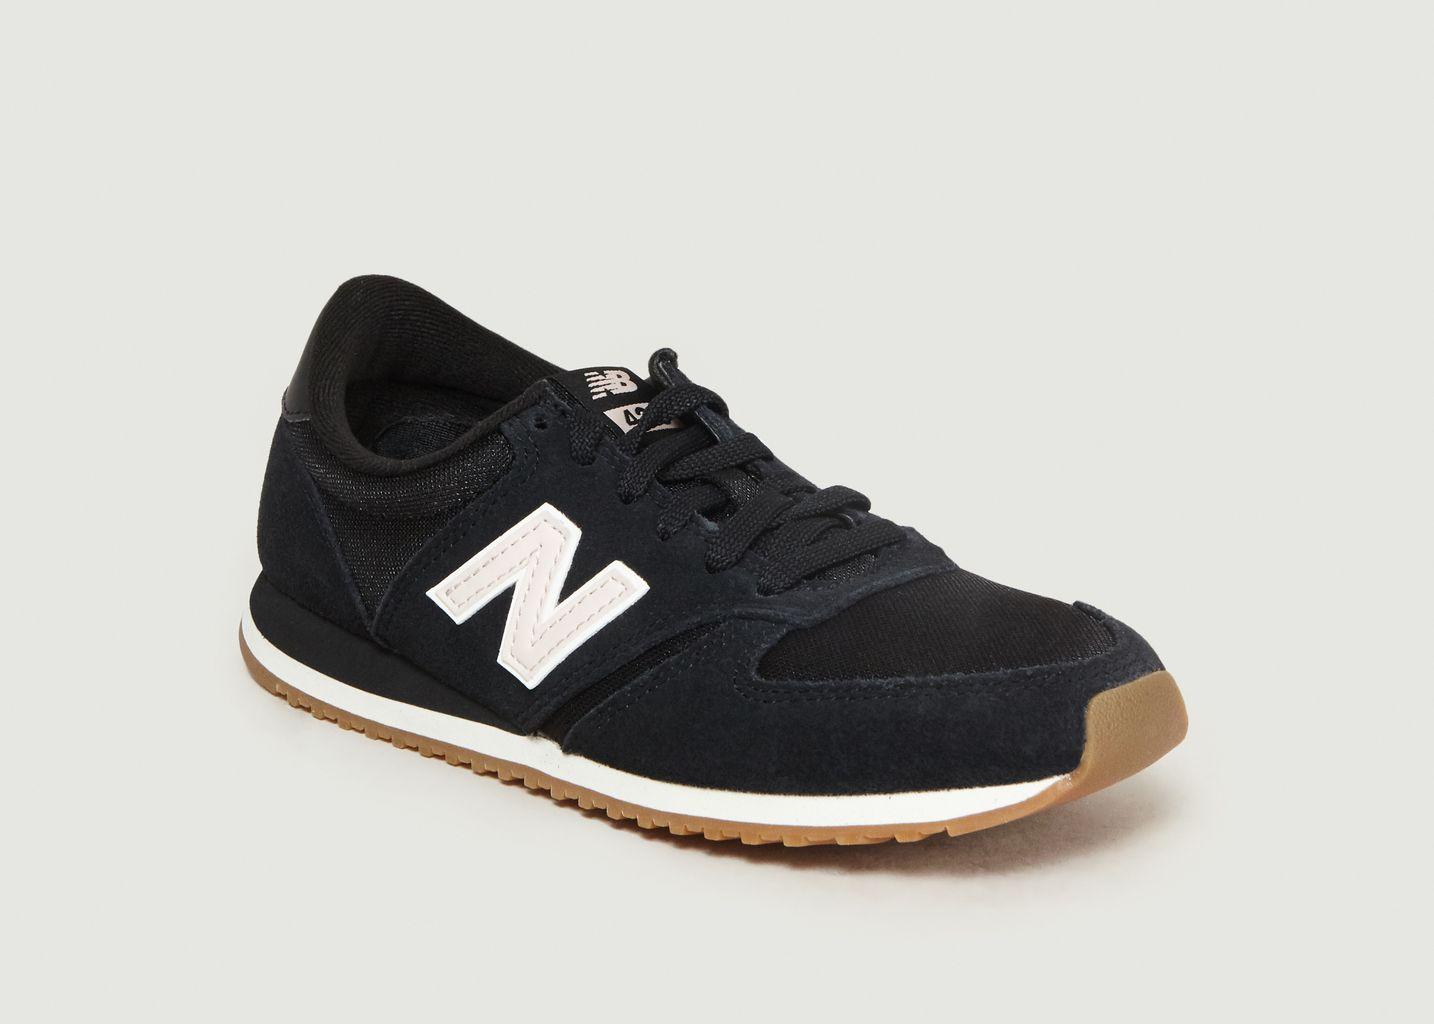 new balance wl420 femme noir